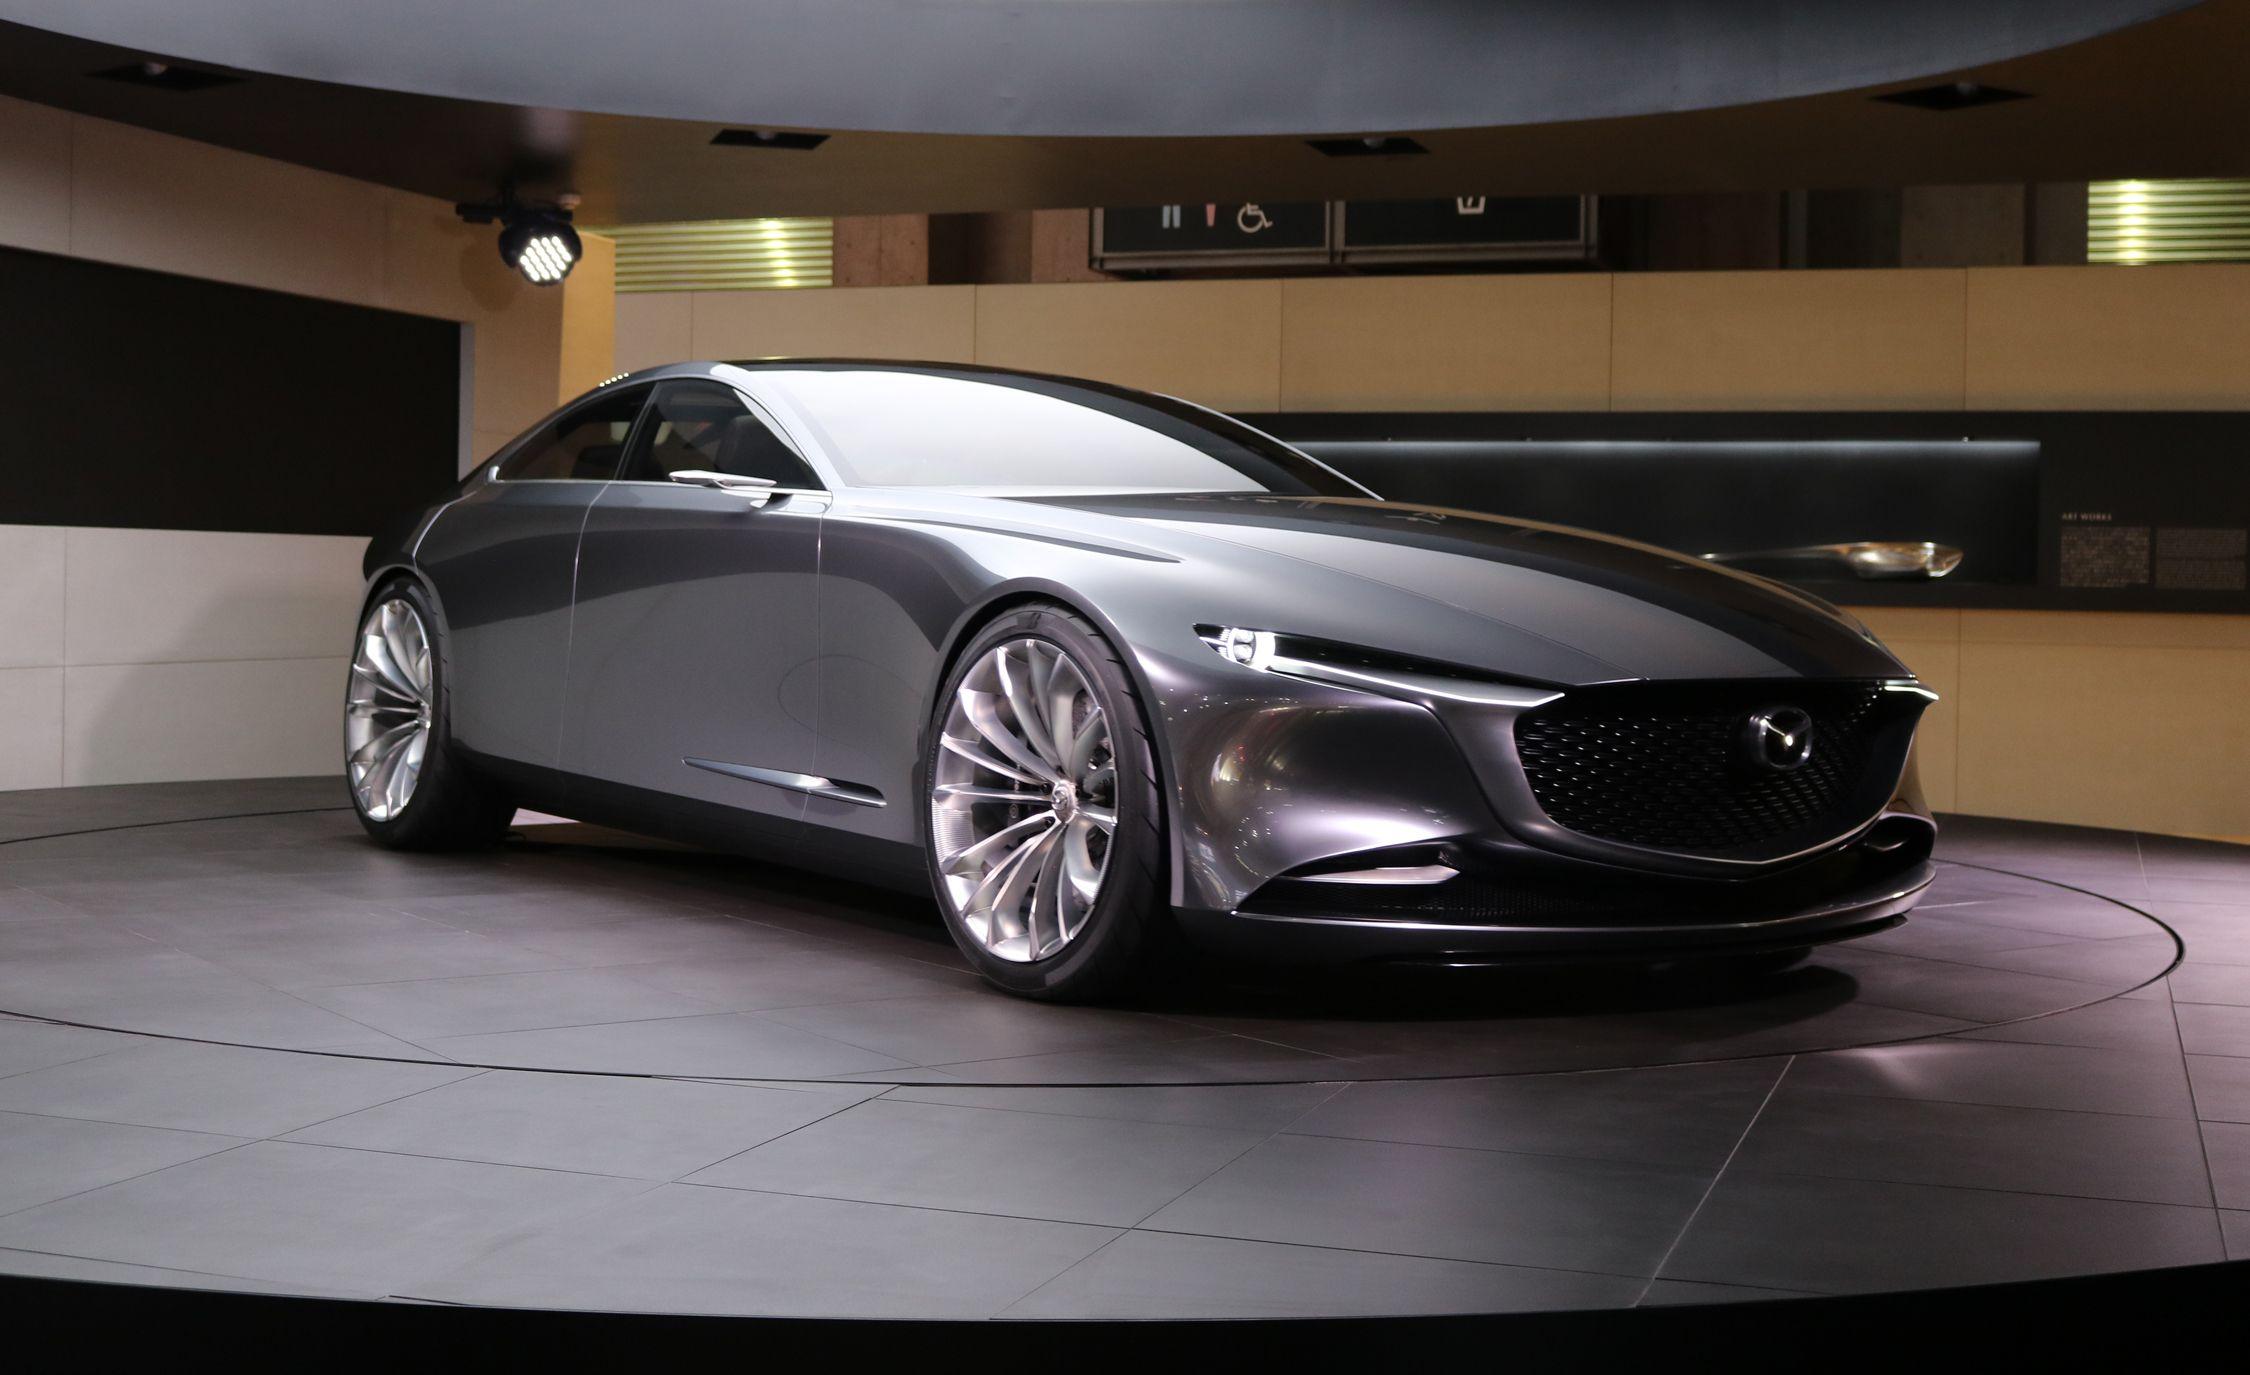 Long 4 Car Maserati 2017 Door